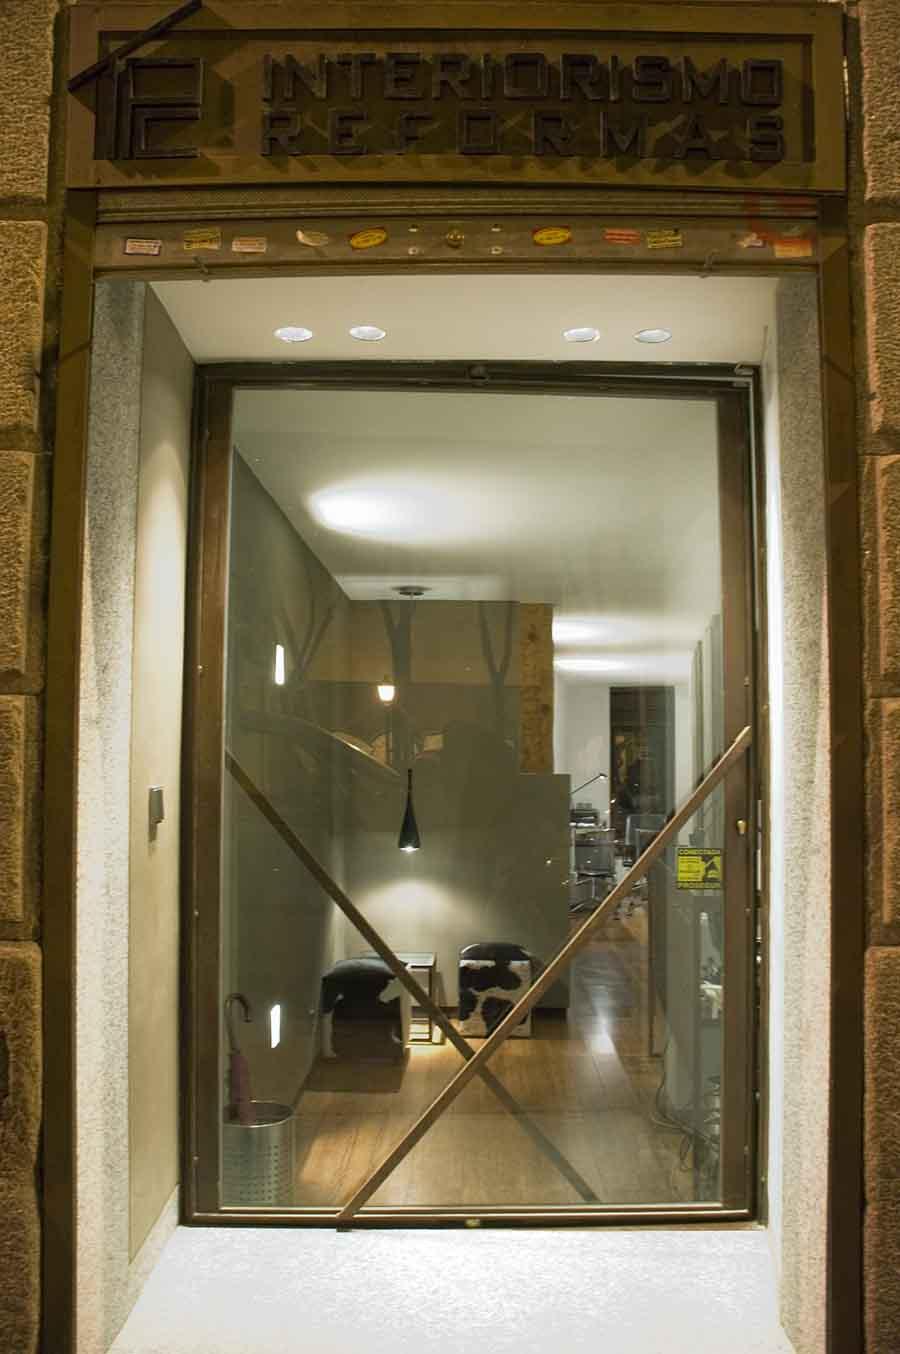 Office13 alicia mesa dise adora de interiores y for Disenadora de interiores